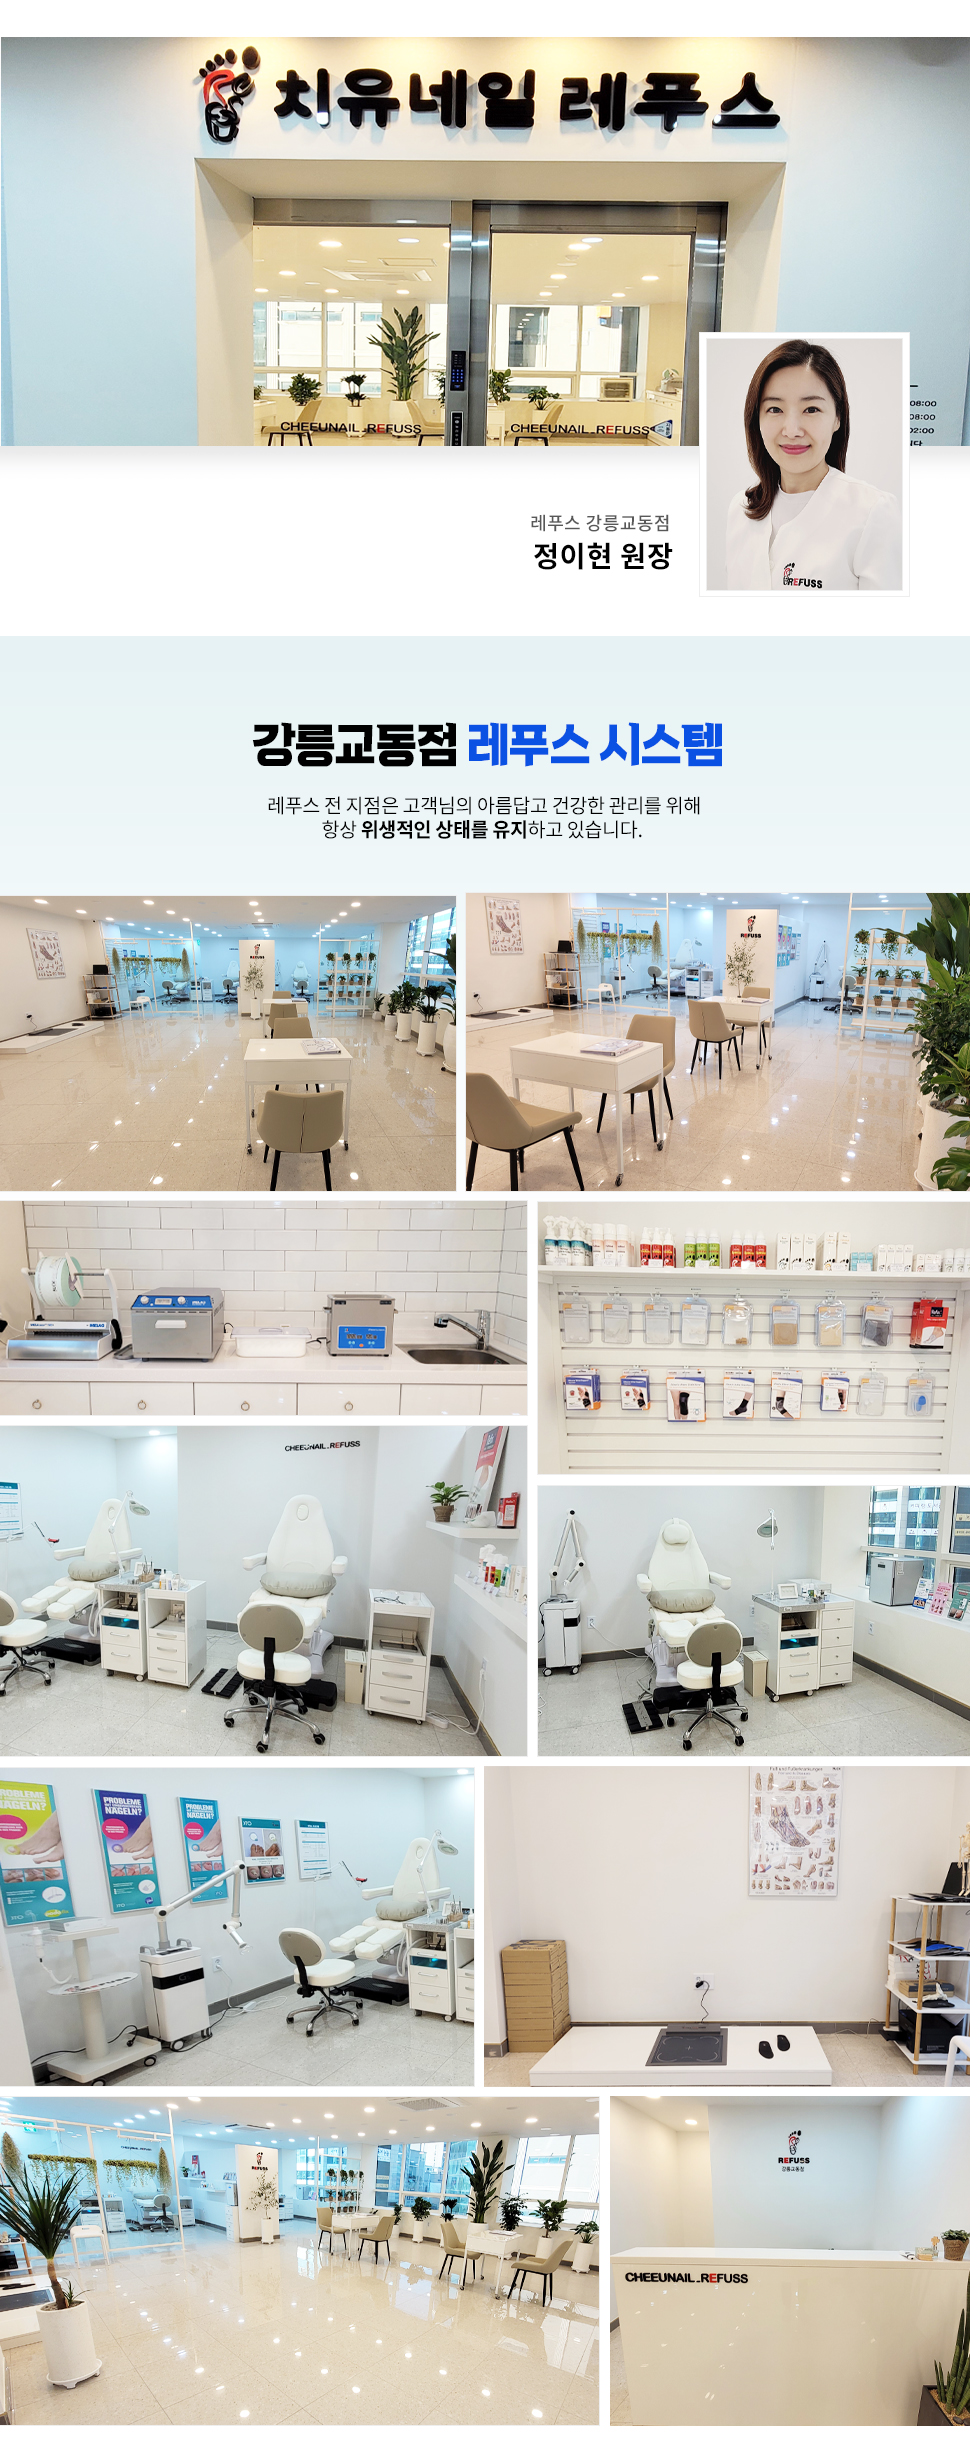 84강릉교동점.jpg